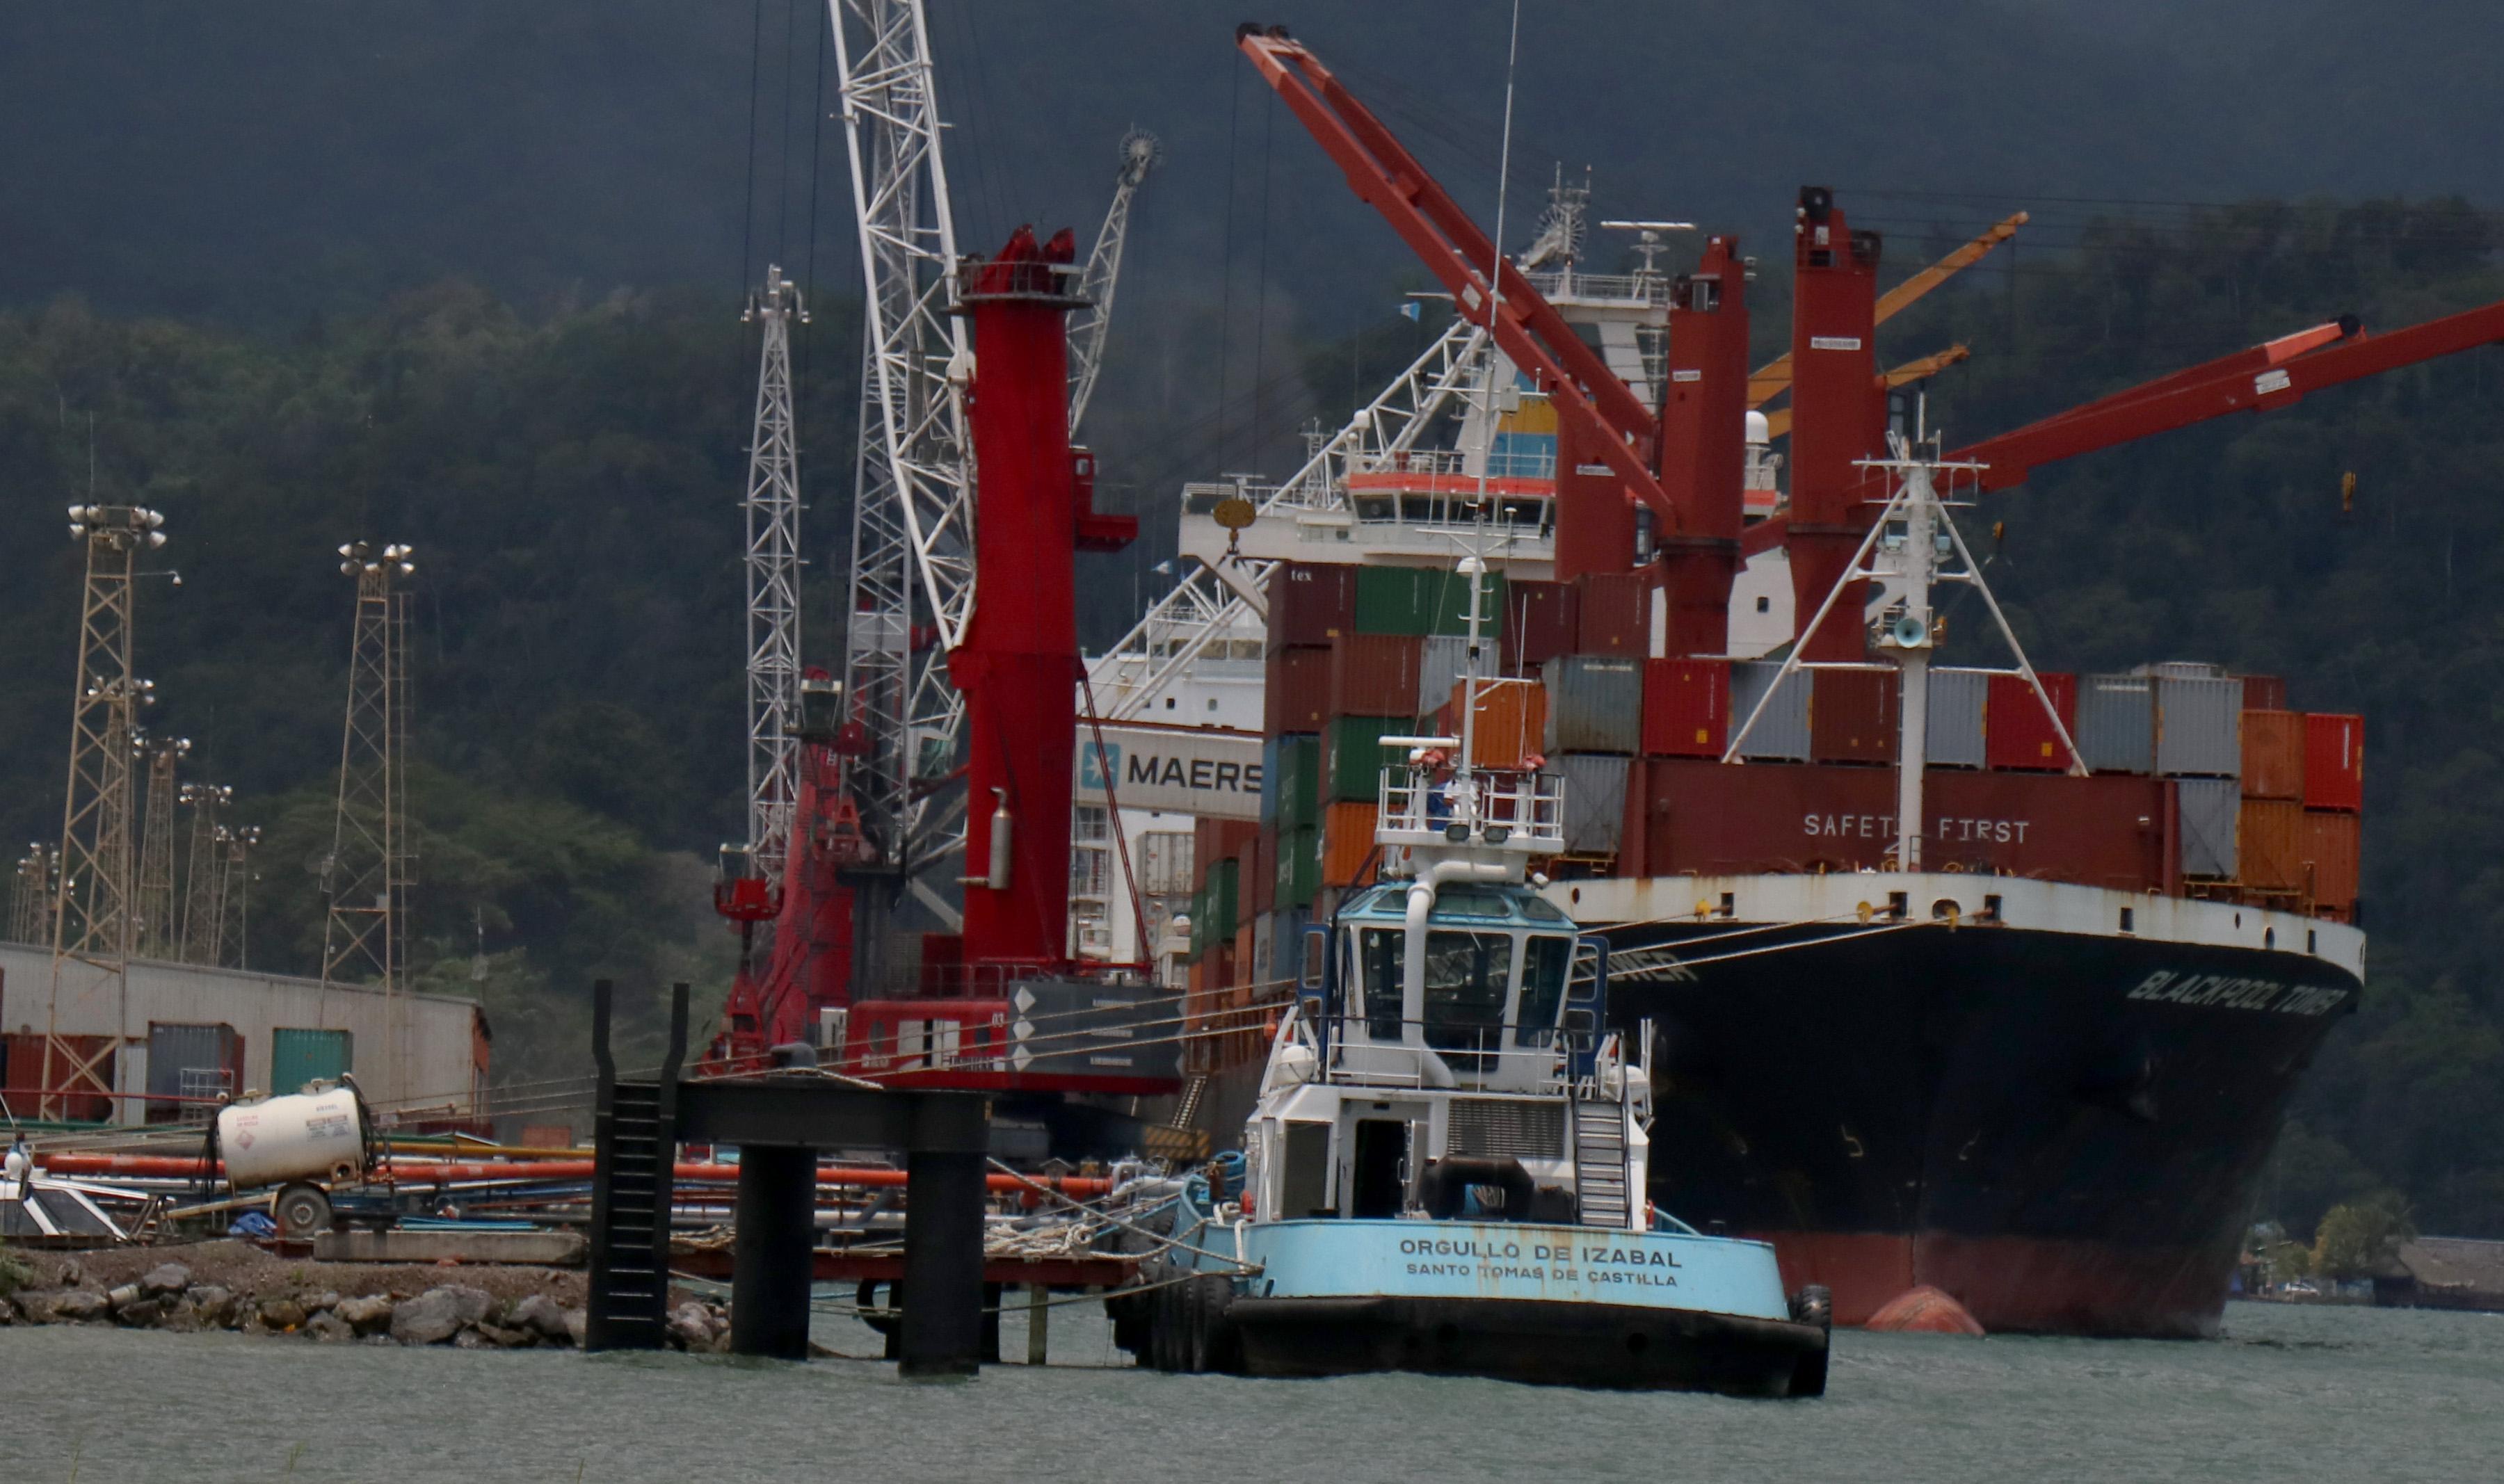 El acuerdo entre la oficina de protección de aduanas y fronteras CBP y Empornac, facilitará el comercio marítimo internacional. (Foto Prensa Libre: Hemeroteca)